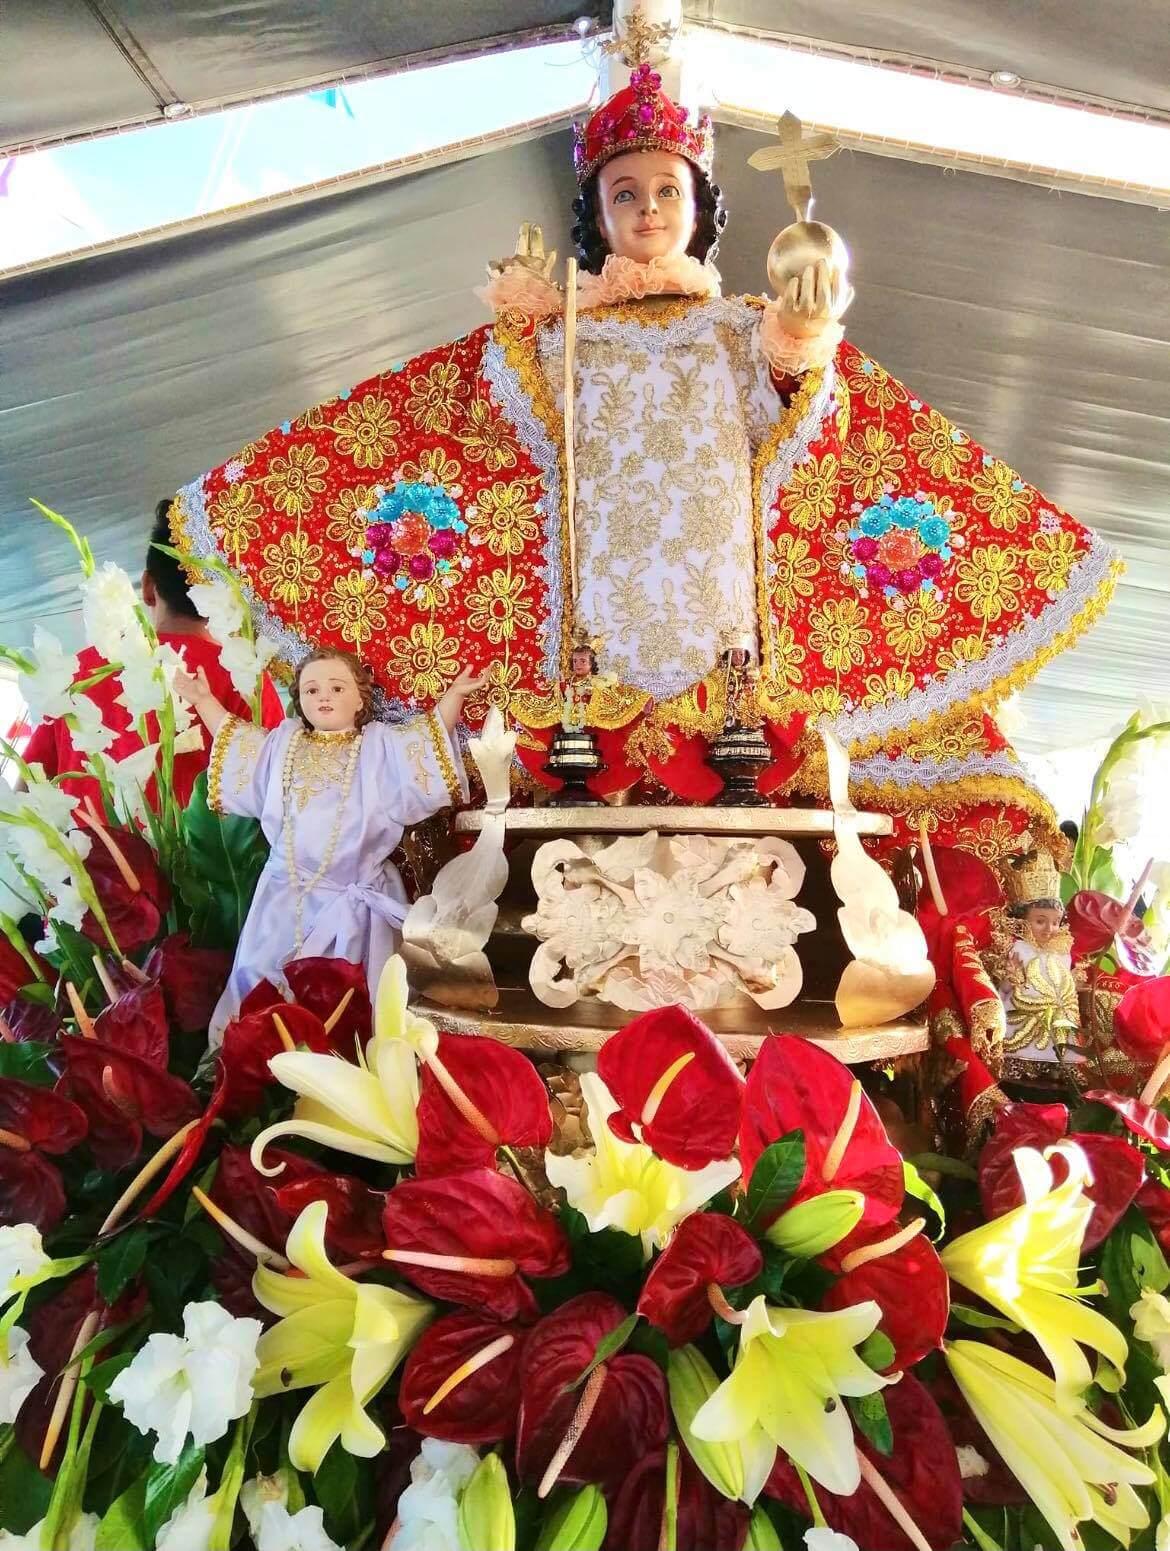 St. niñoの像